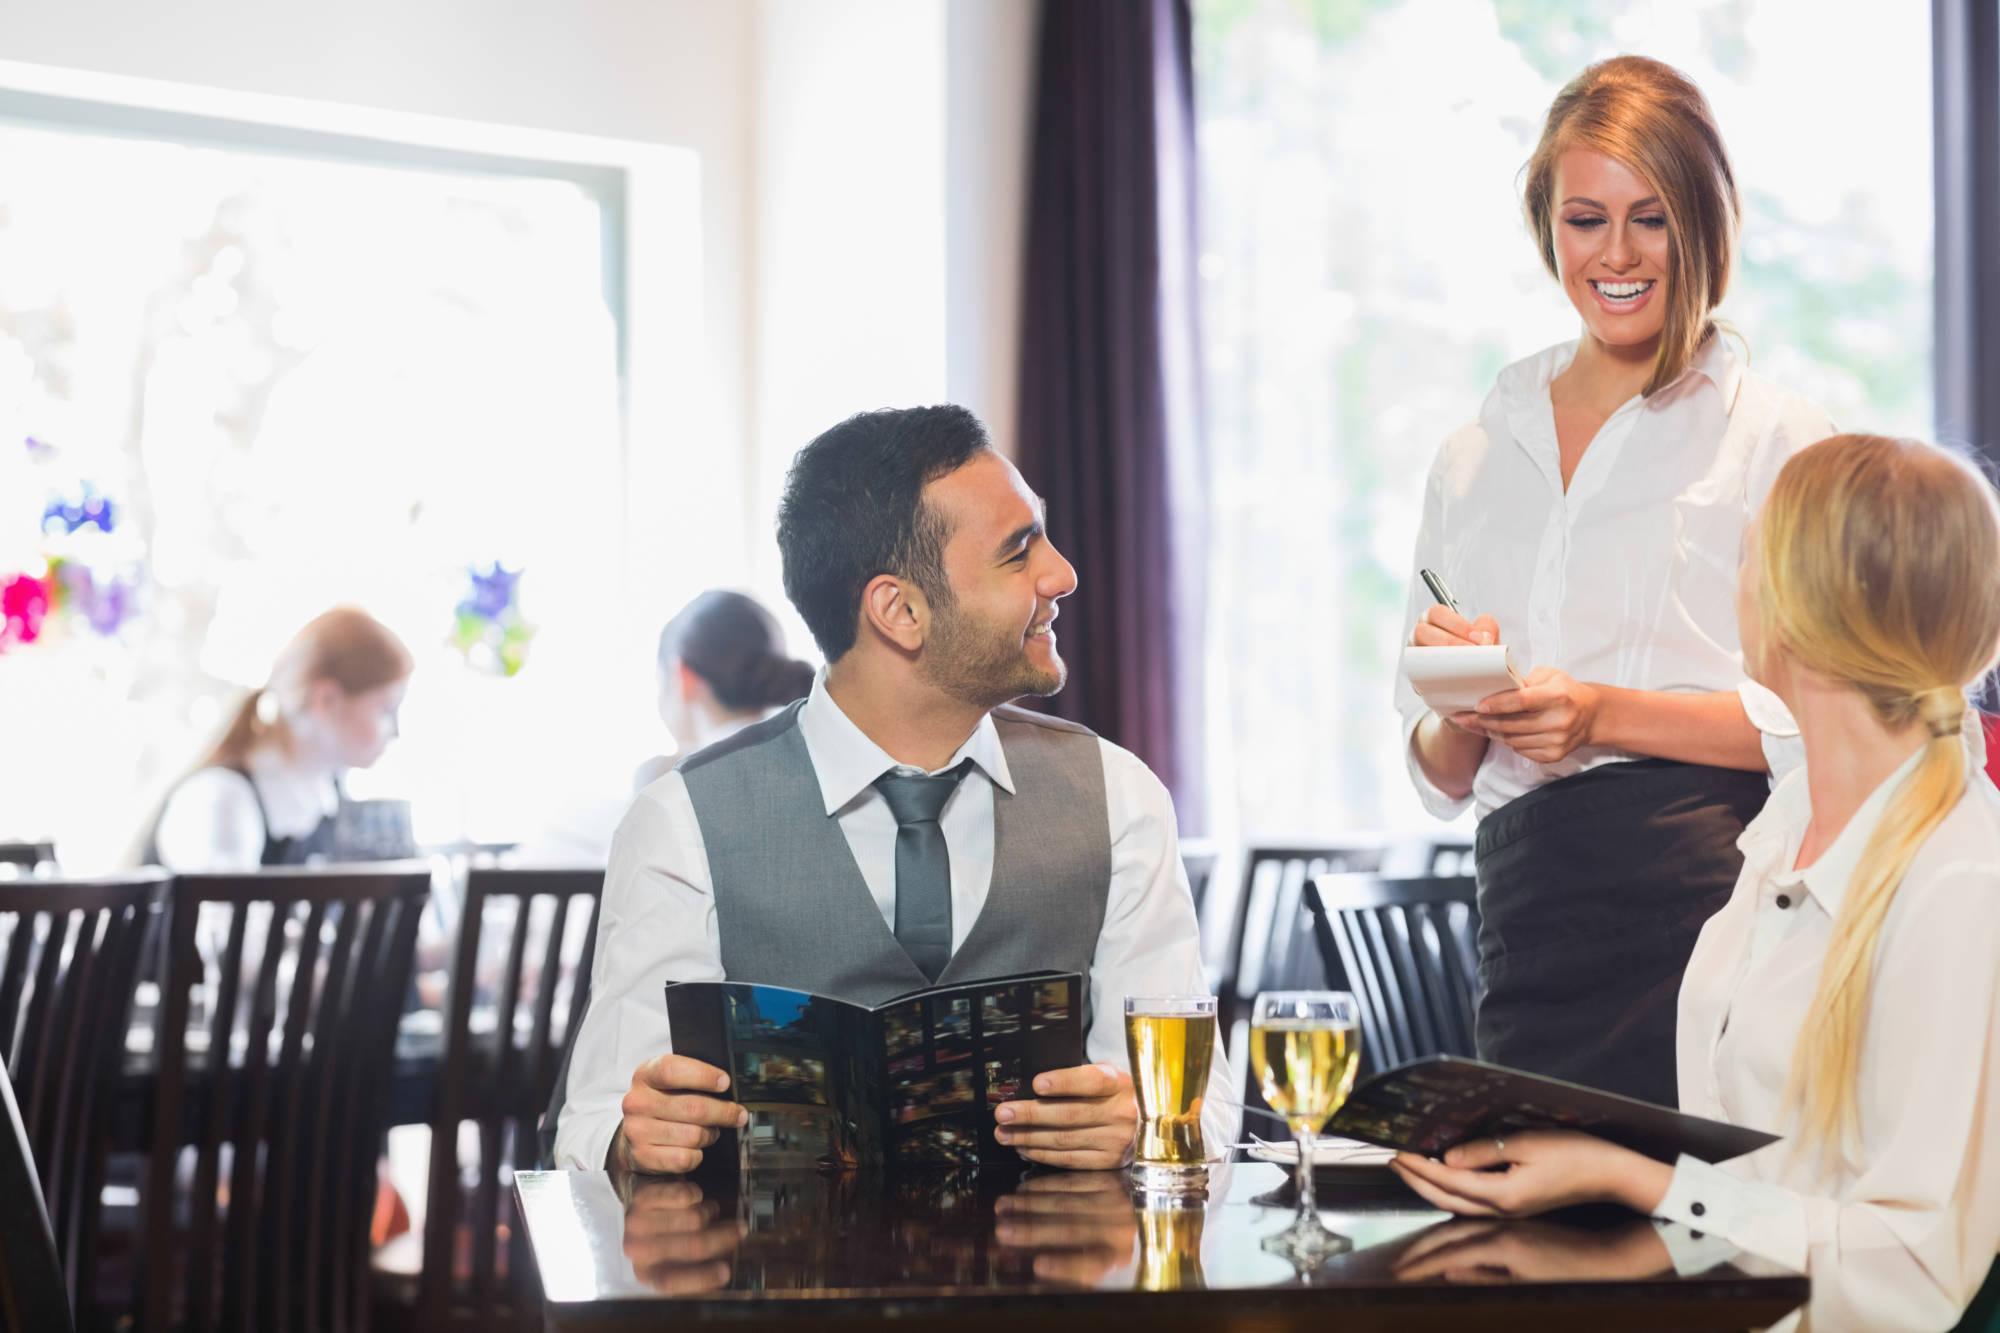 Как не нужно фотографировать человека в ресторане есть среди